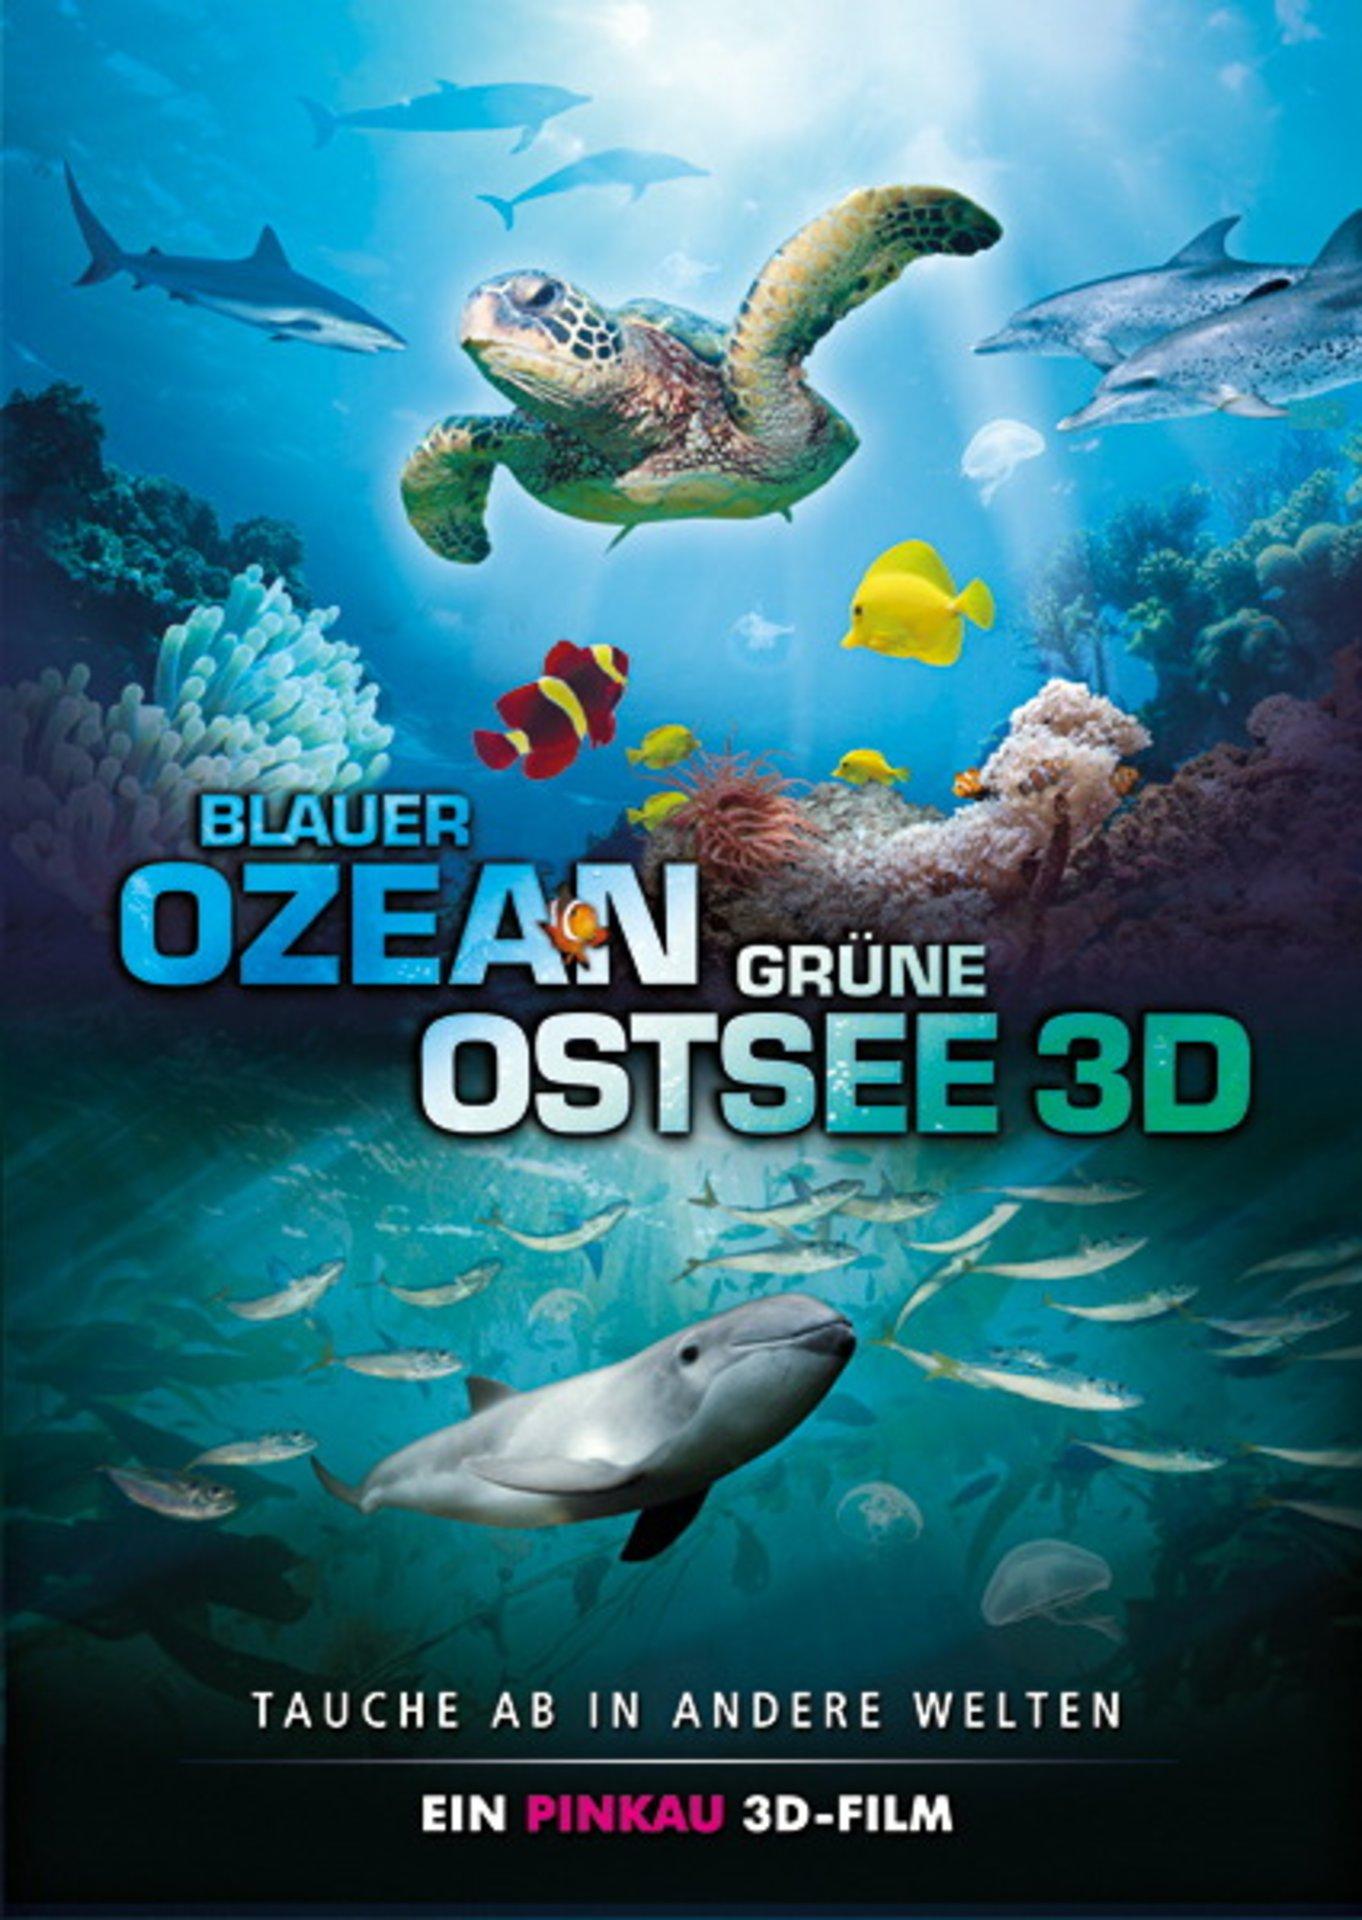 Ozean Film